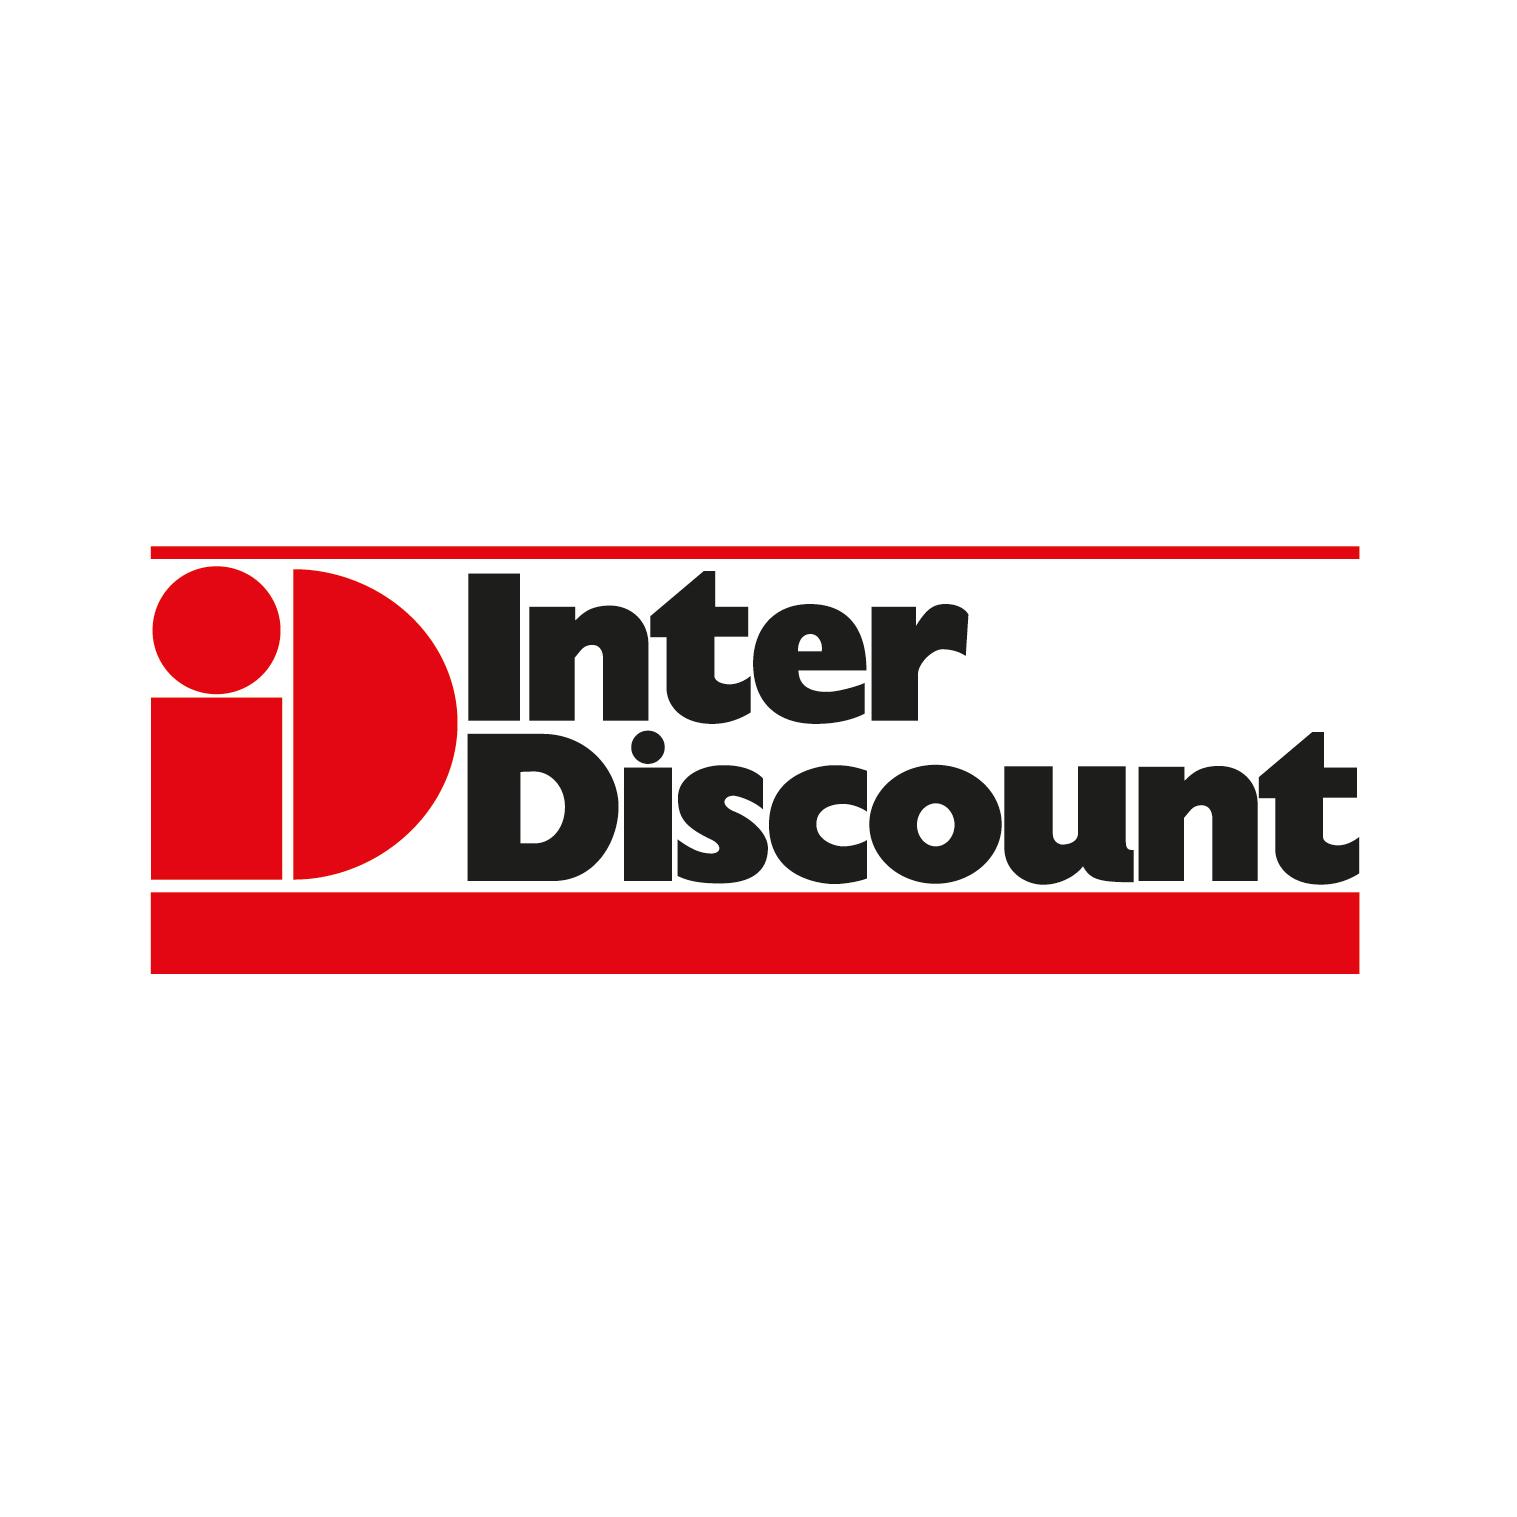 interdiscount